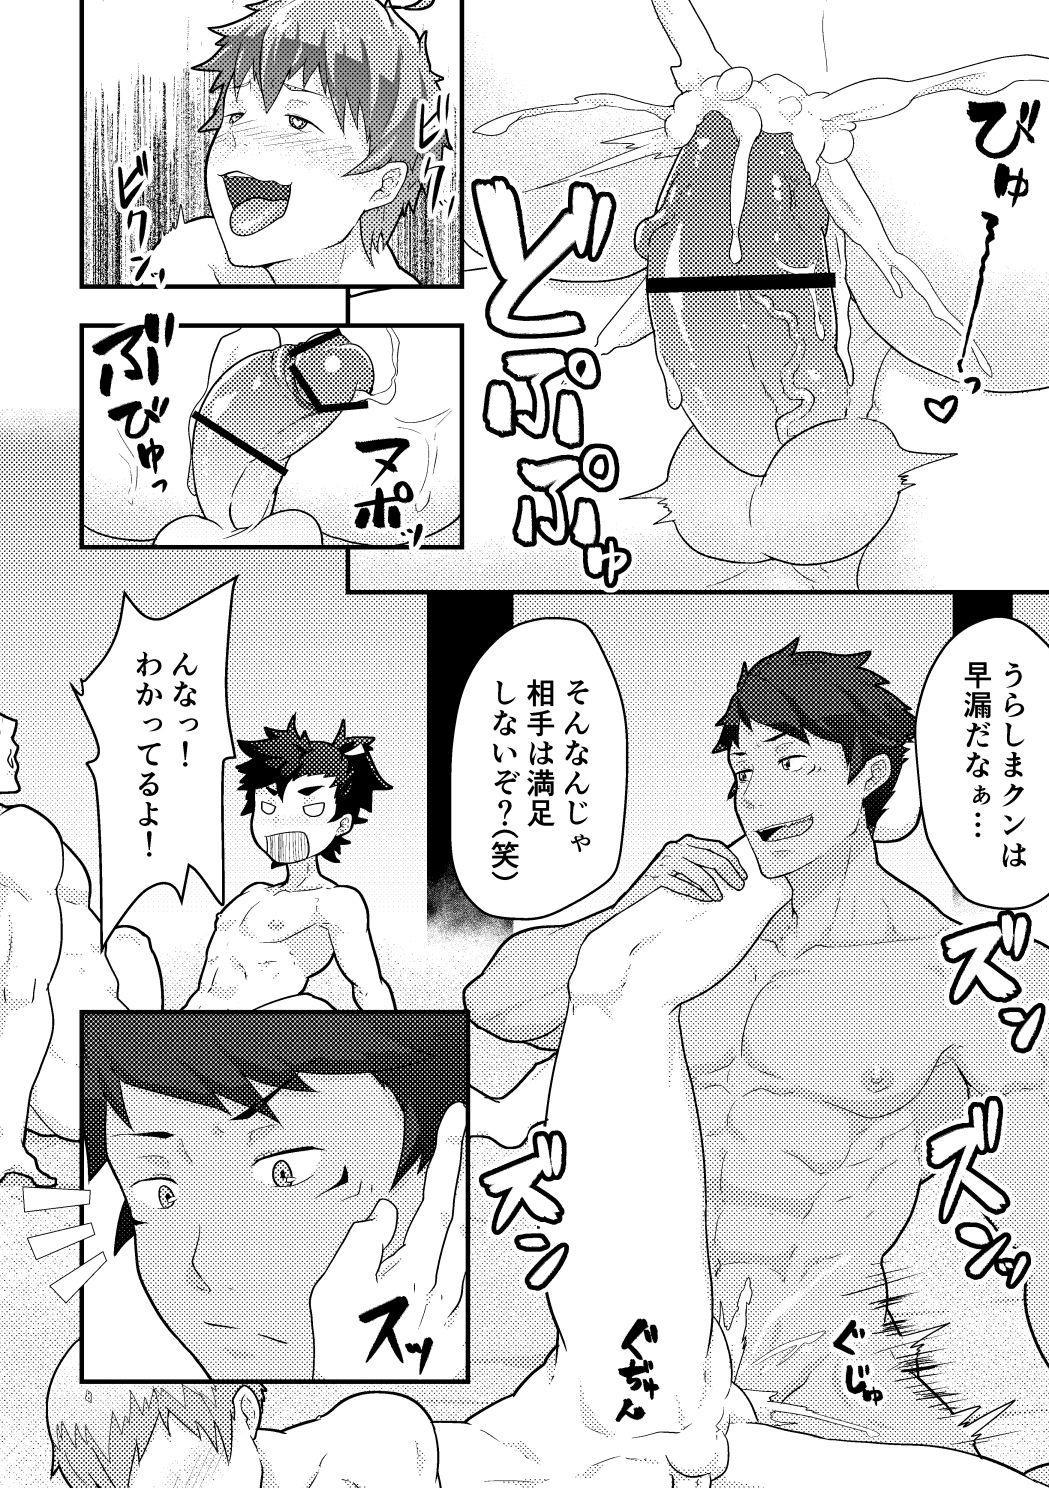 Urashimatarou 17